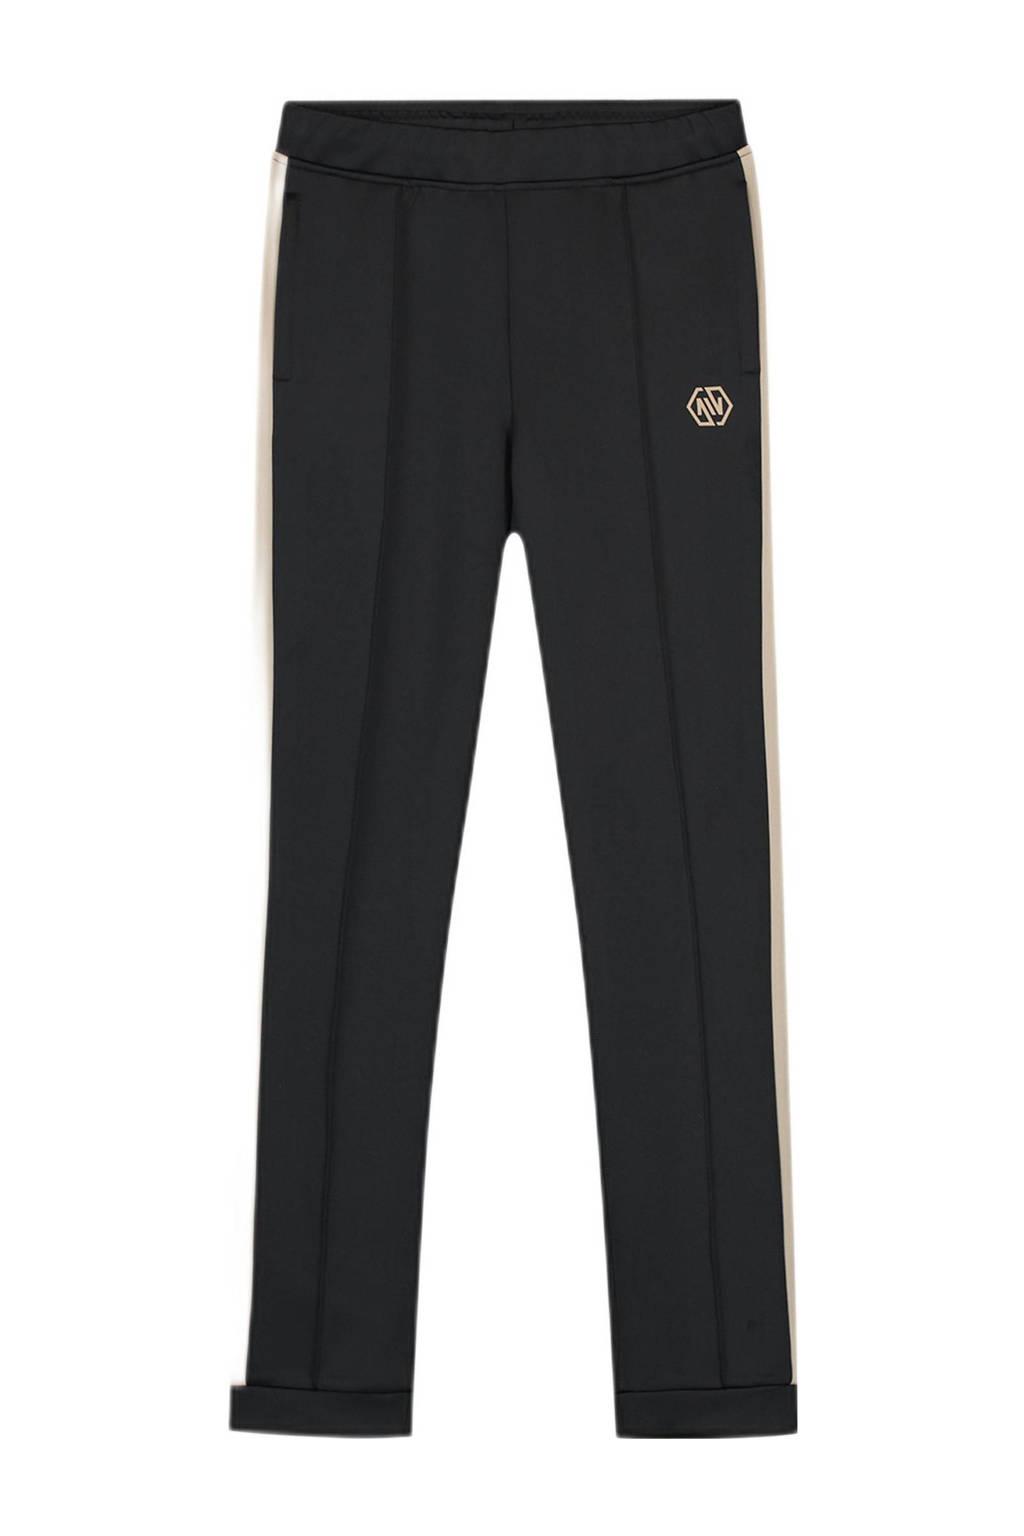 NIK&NIK broek Walden met zijstreep zwart, Zwart